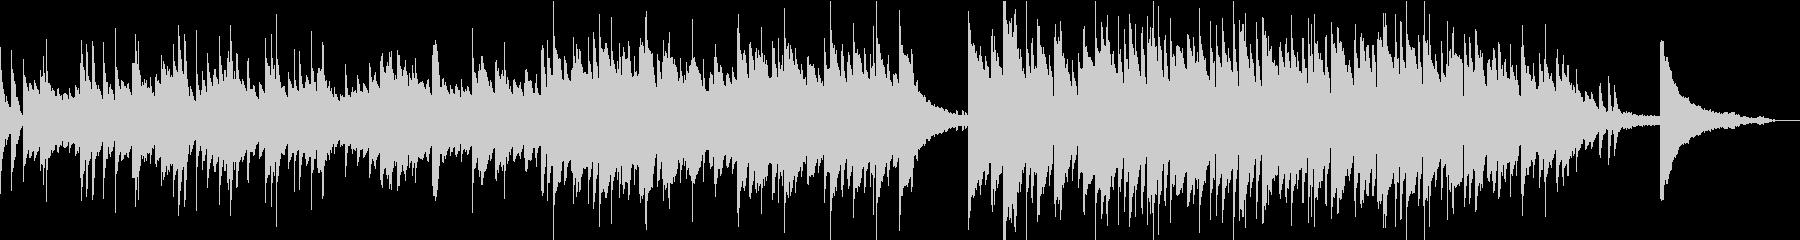 感動的なピアノポップス 映像やCMにの未再生の波形